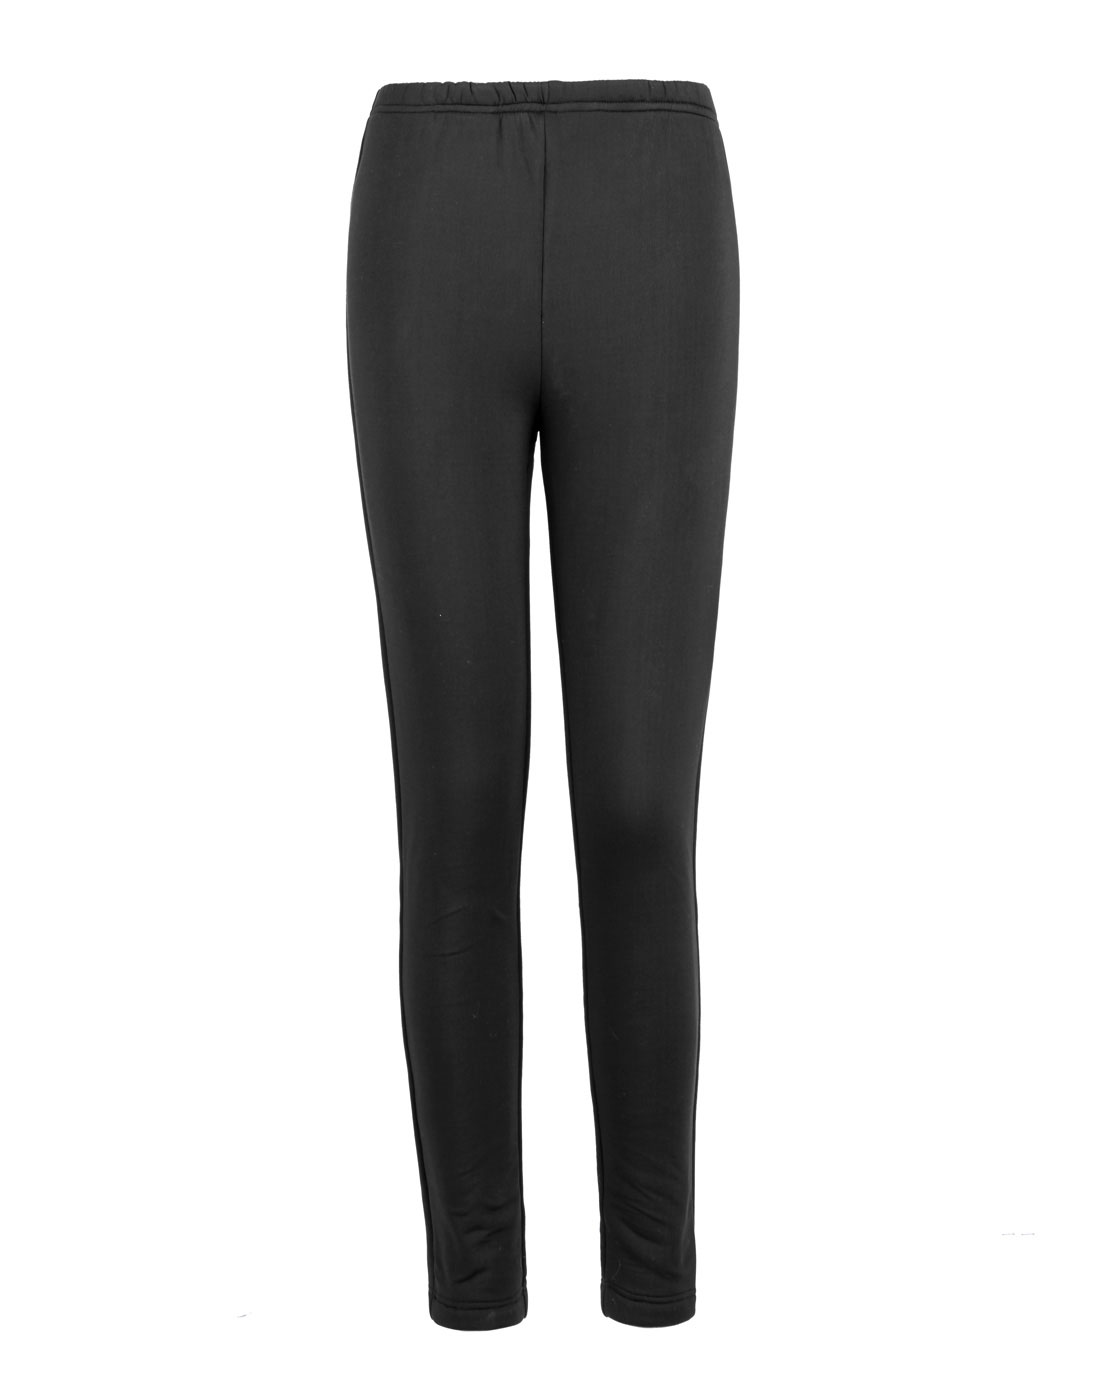 黑色加厚保暖打底裤